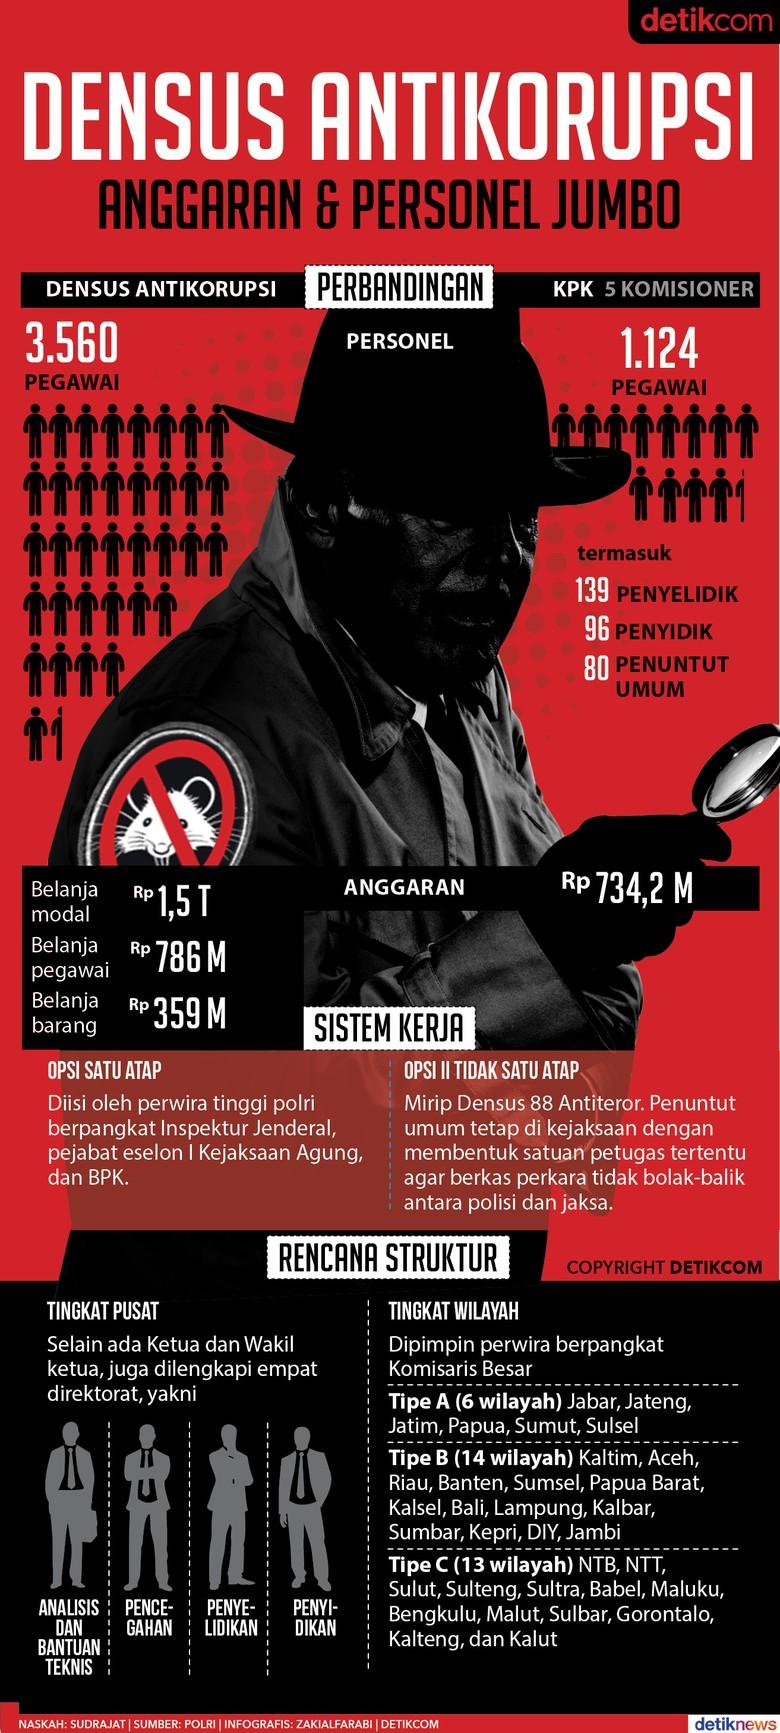 Densus Antikorupsi: Anggaran Besar, Jumlah Personel Jumbo